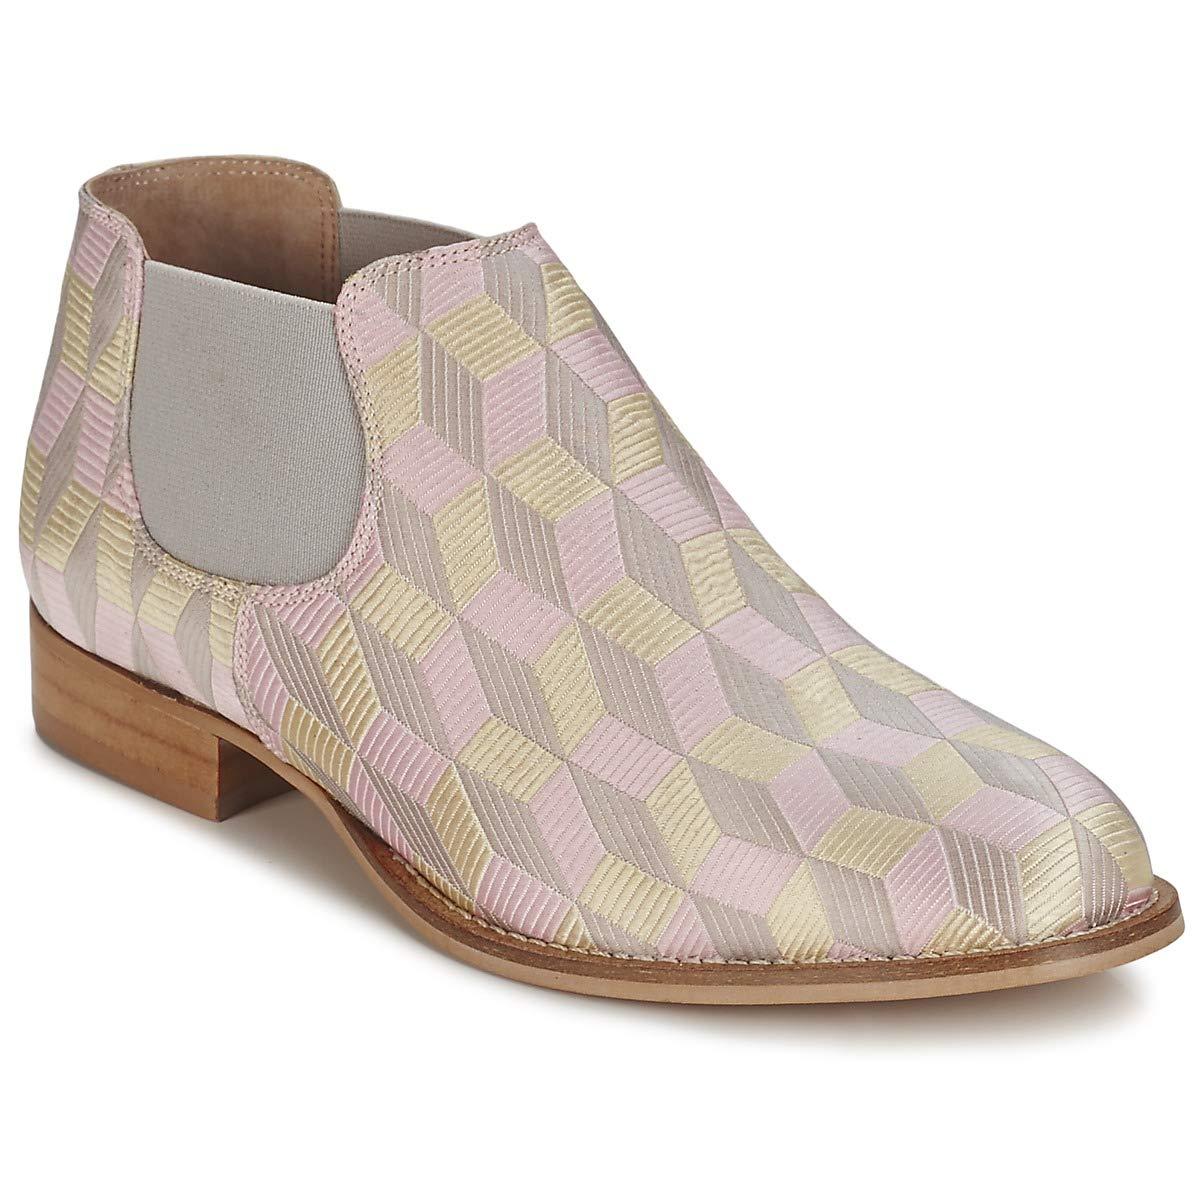 Betty London ENOUME Stiefelletten Stiefel Damen Multifarben Ankle Stiefel